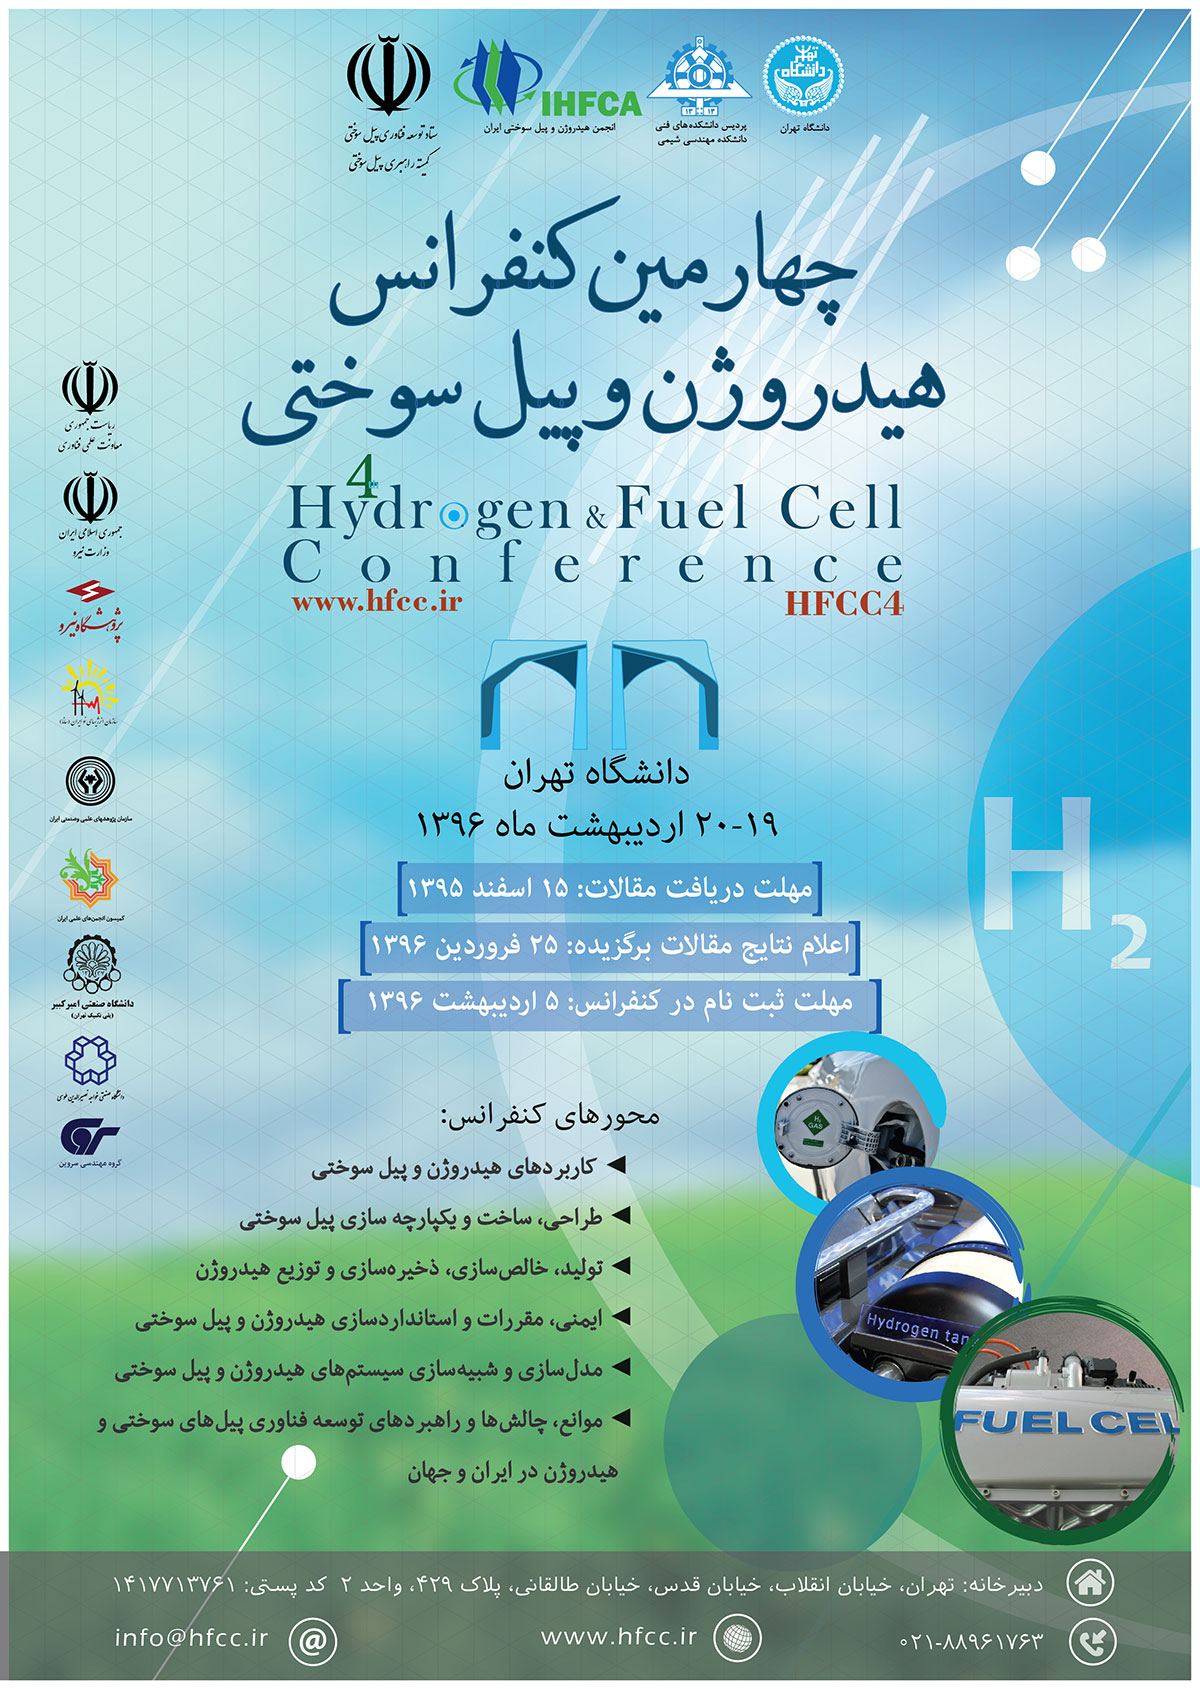 چهارمین کنفرانس هیدروژن و پیل سوختی